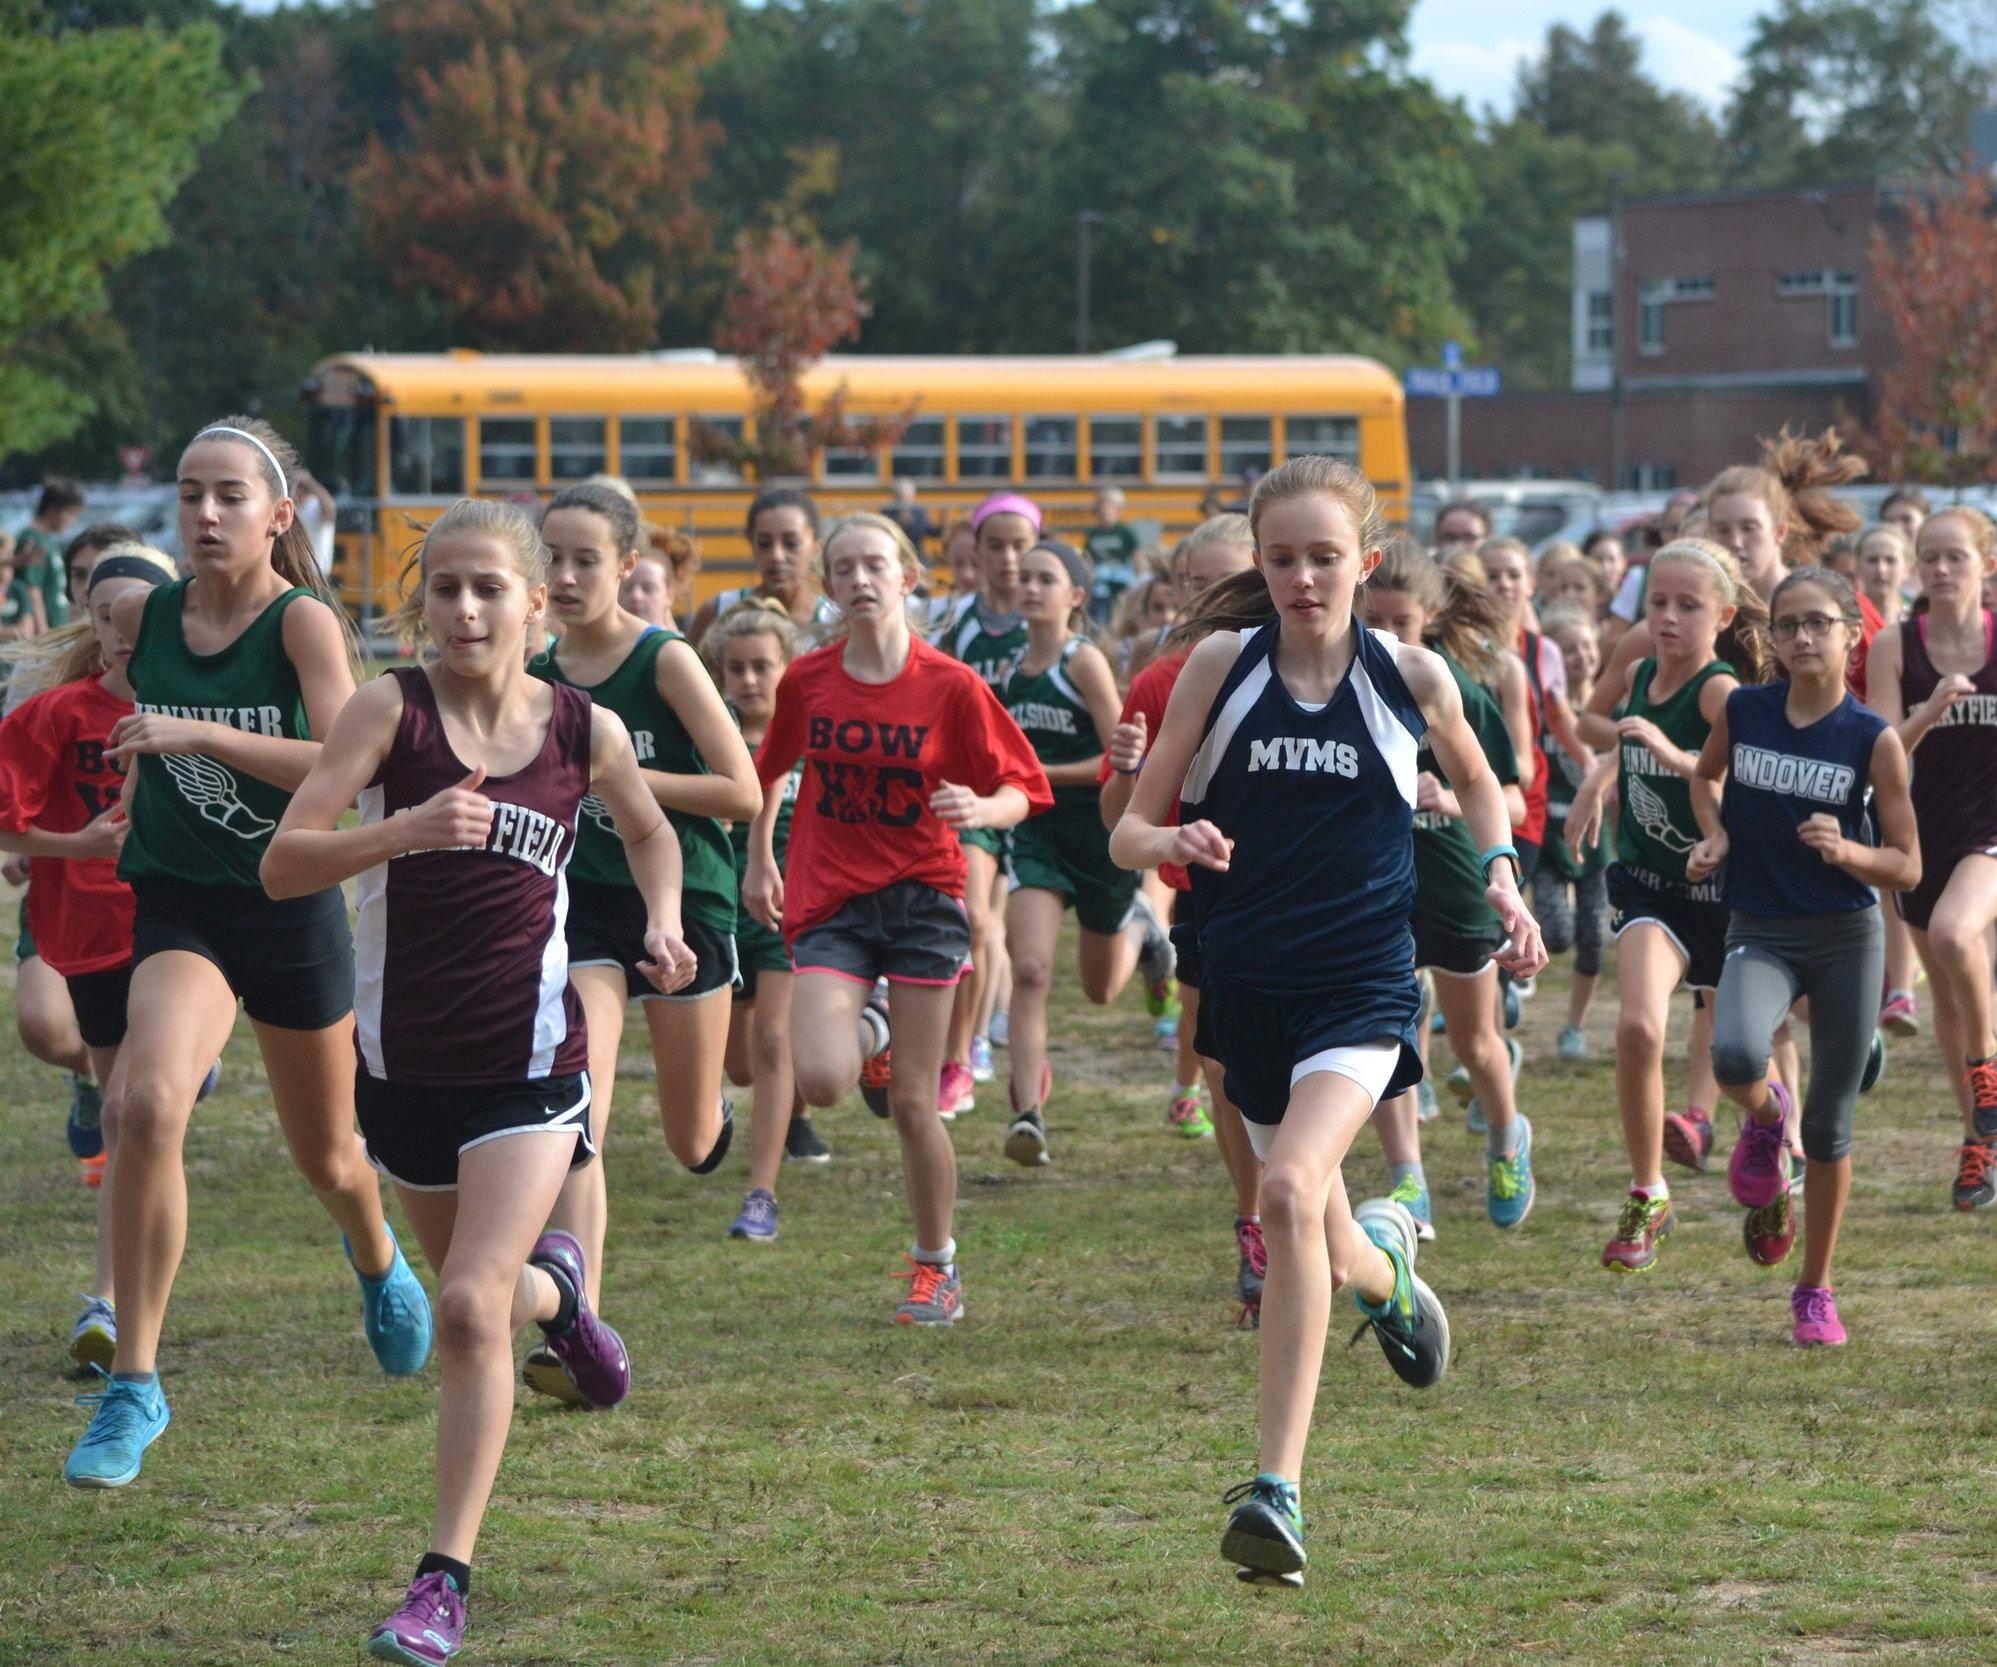 Samantha Starts the Girls Race